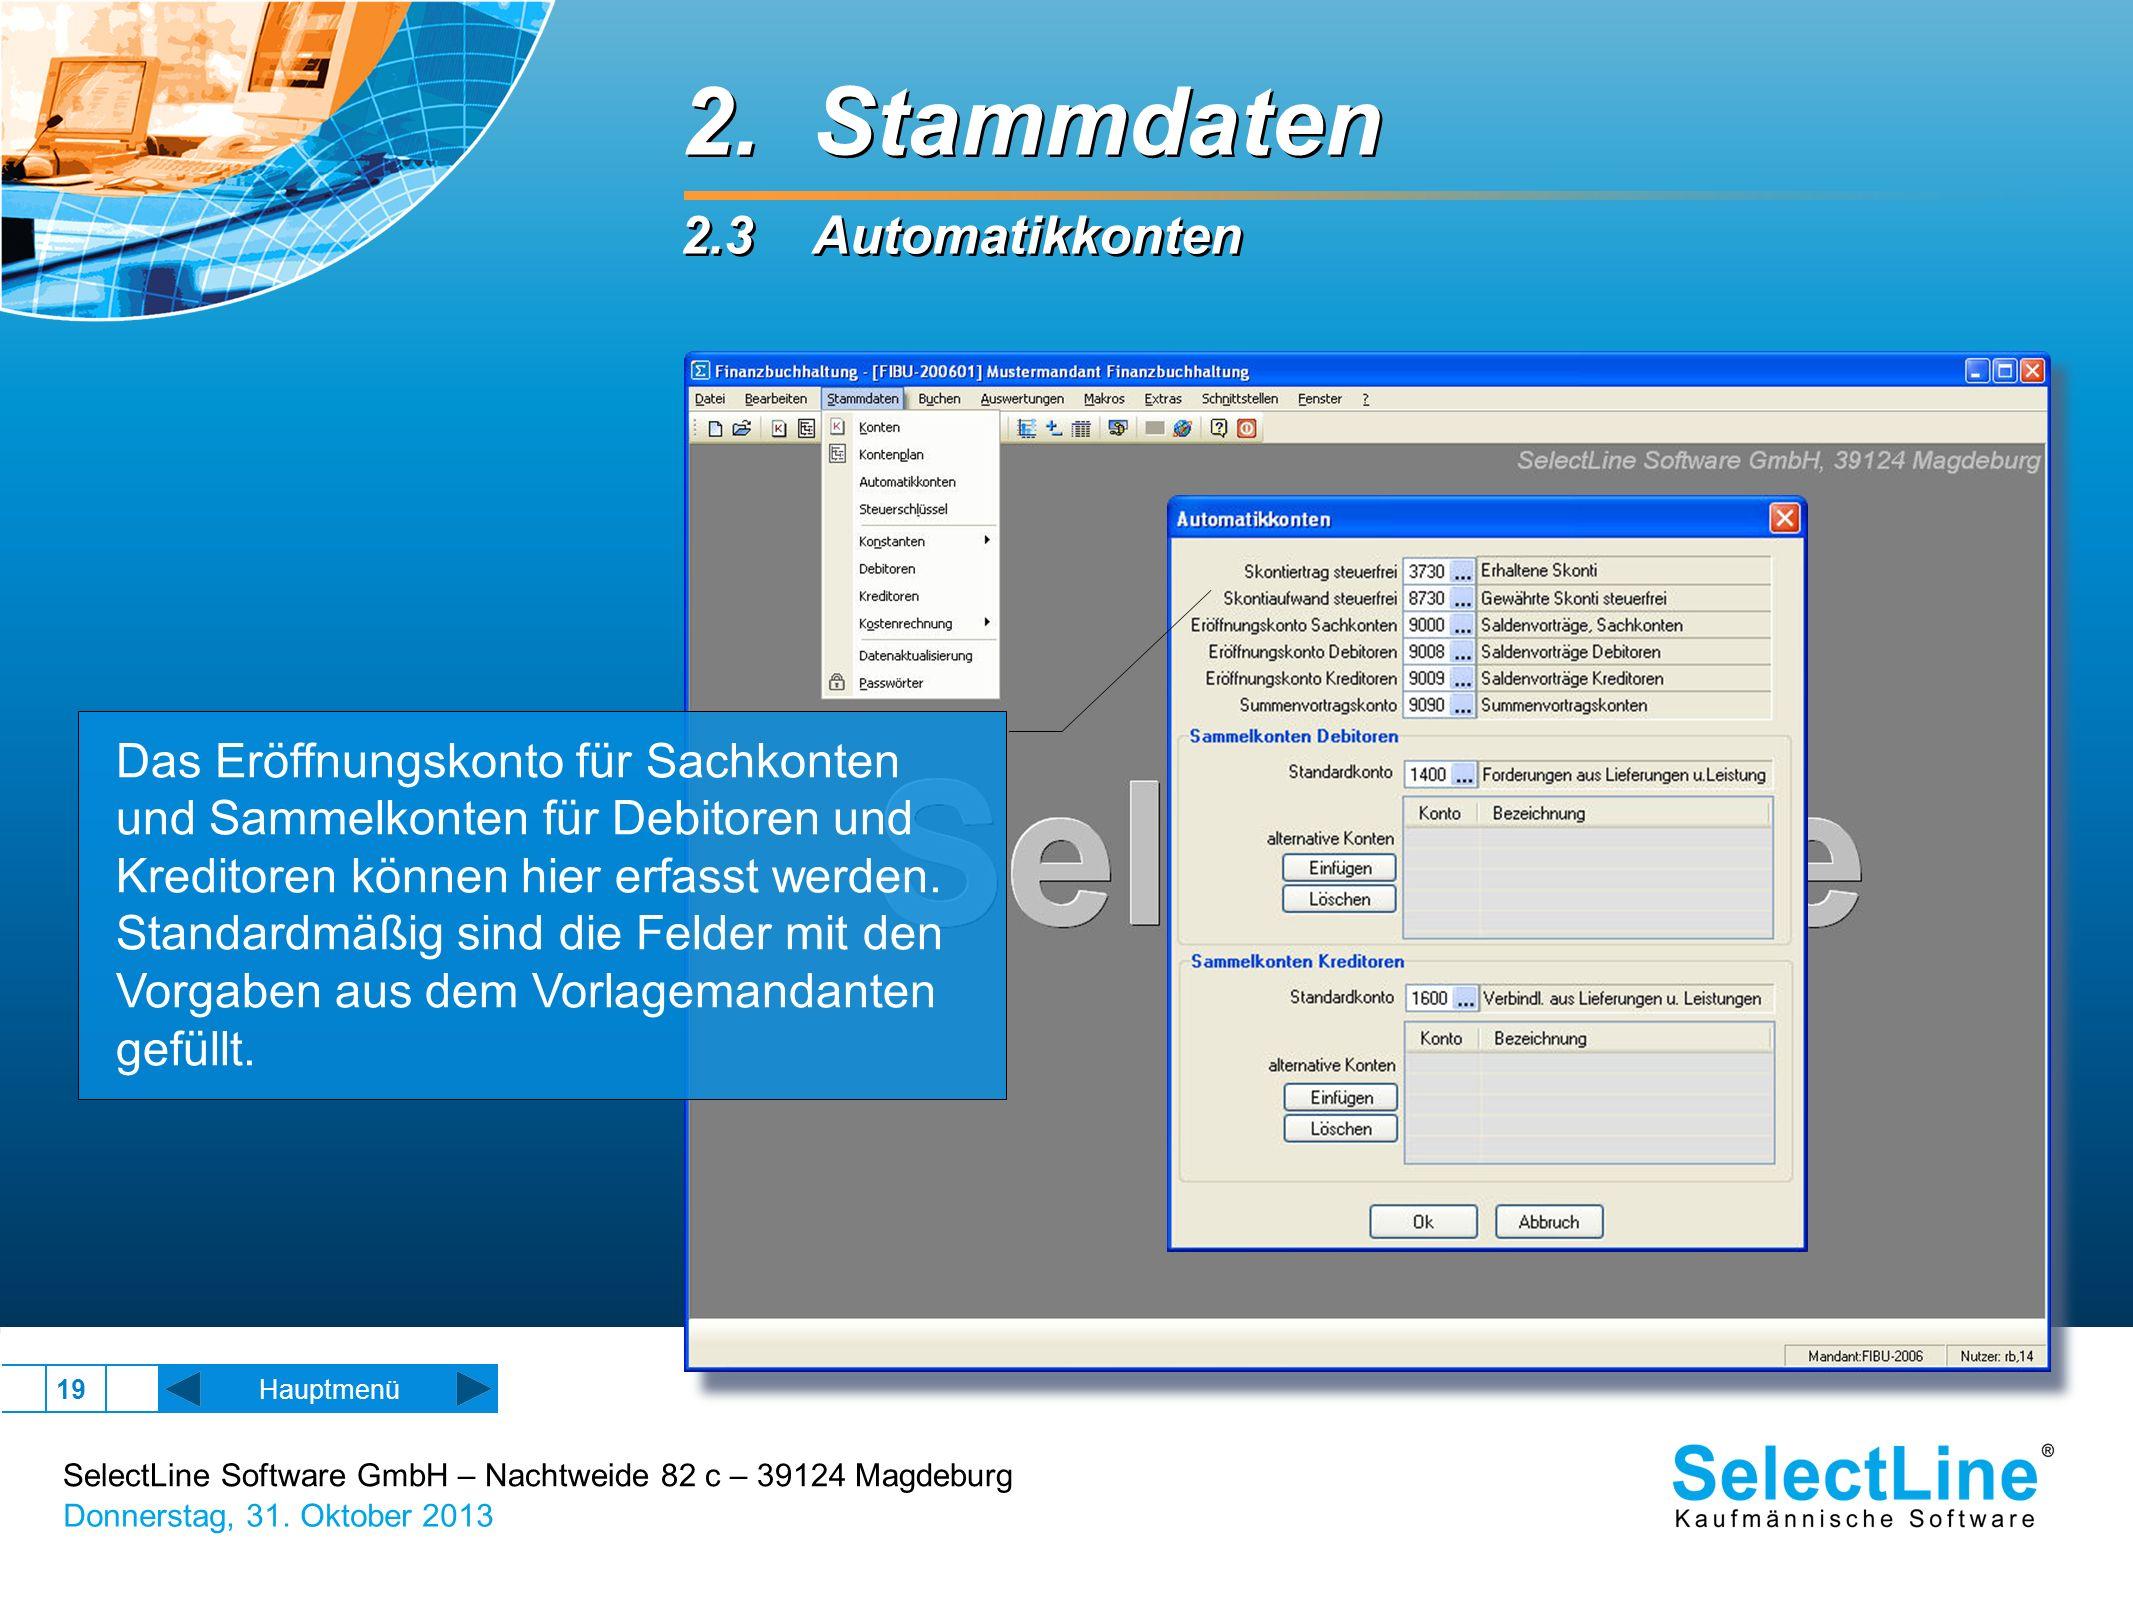 SelectLine Software GmbH – Nachtweide 82 c – 39124 Magdeburg Donnerstag, 31. Oktober 2013 19 2. Stammdaten 2.3 Automatikkonten 2. Stammdaten 2.3 Autom